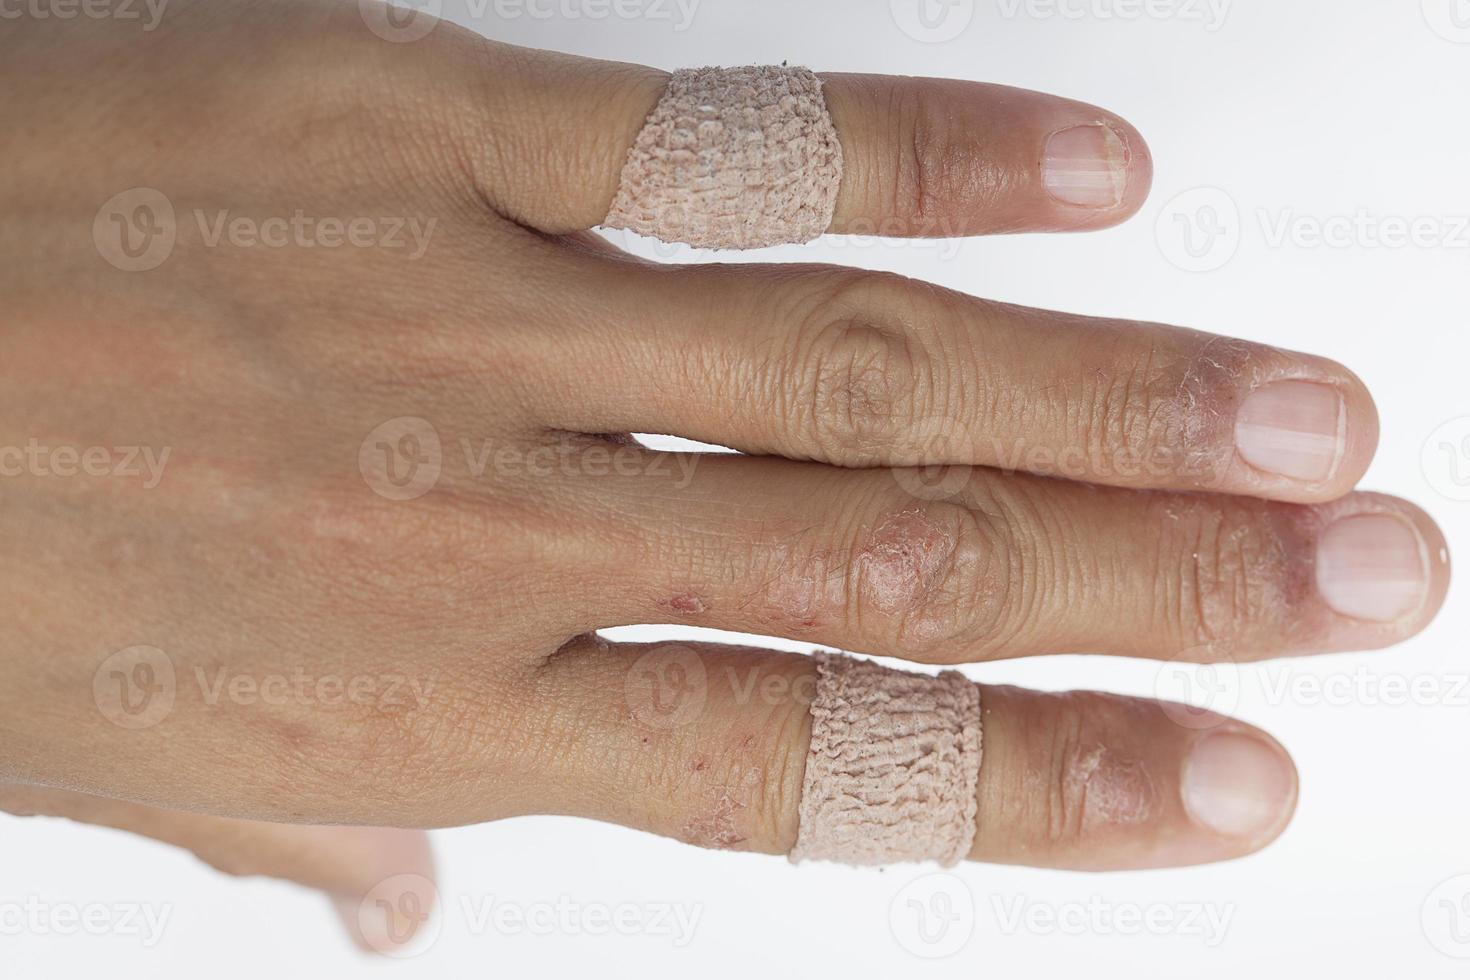 lesões alérgicas nas mulheres de gesso. foto